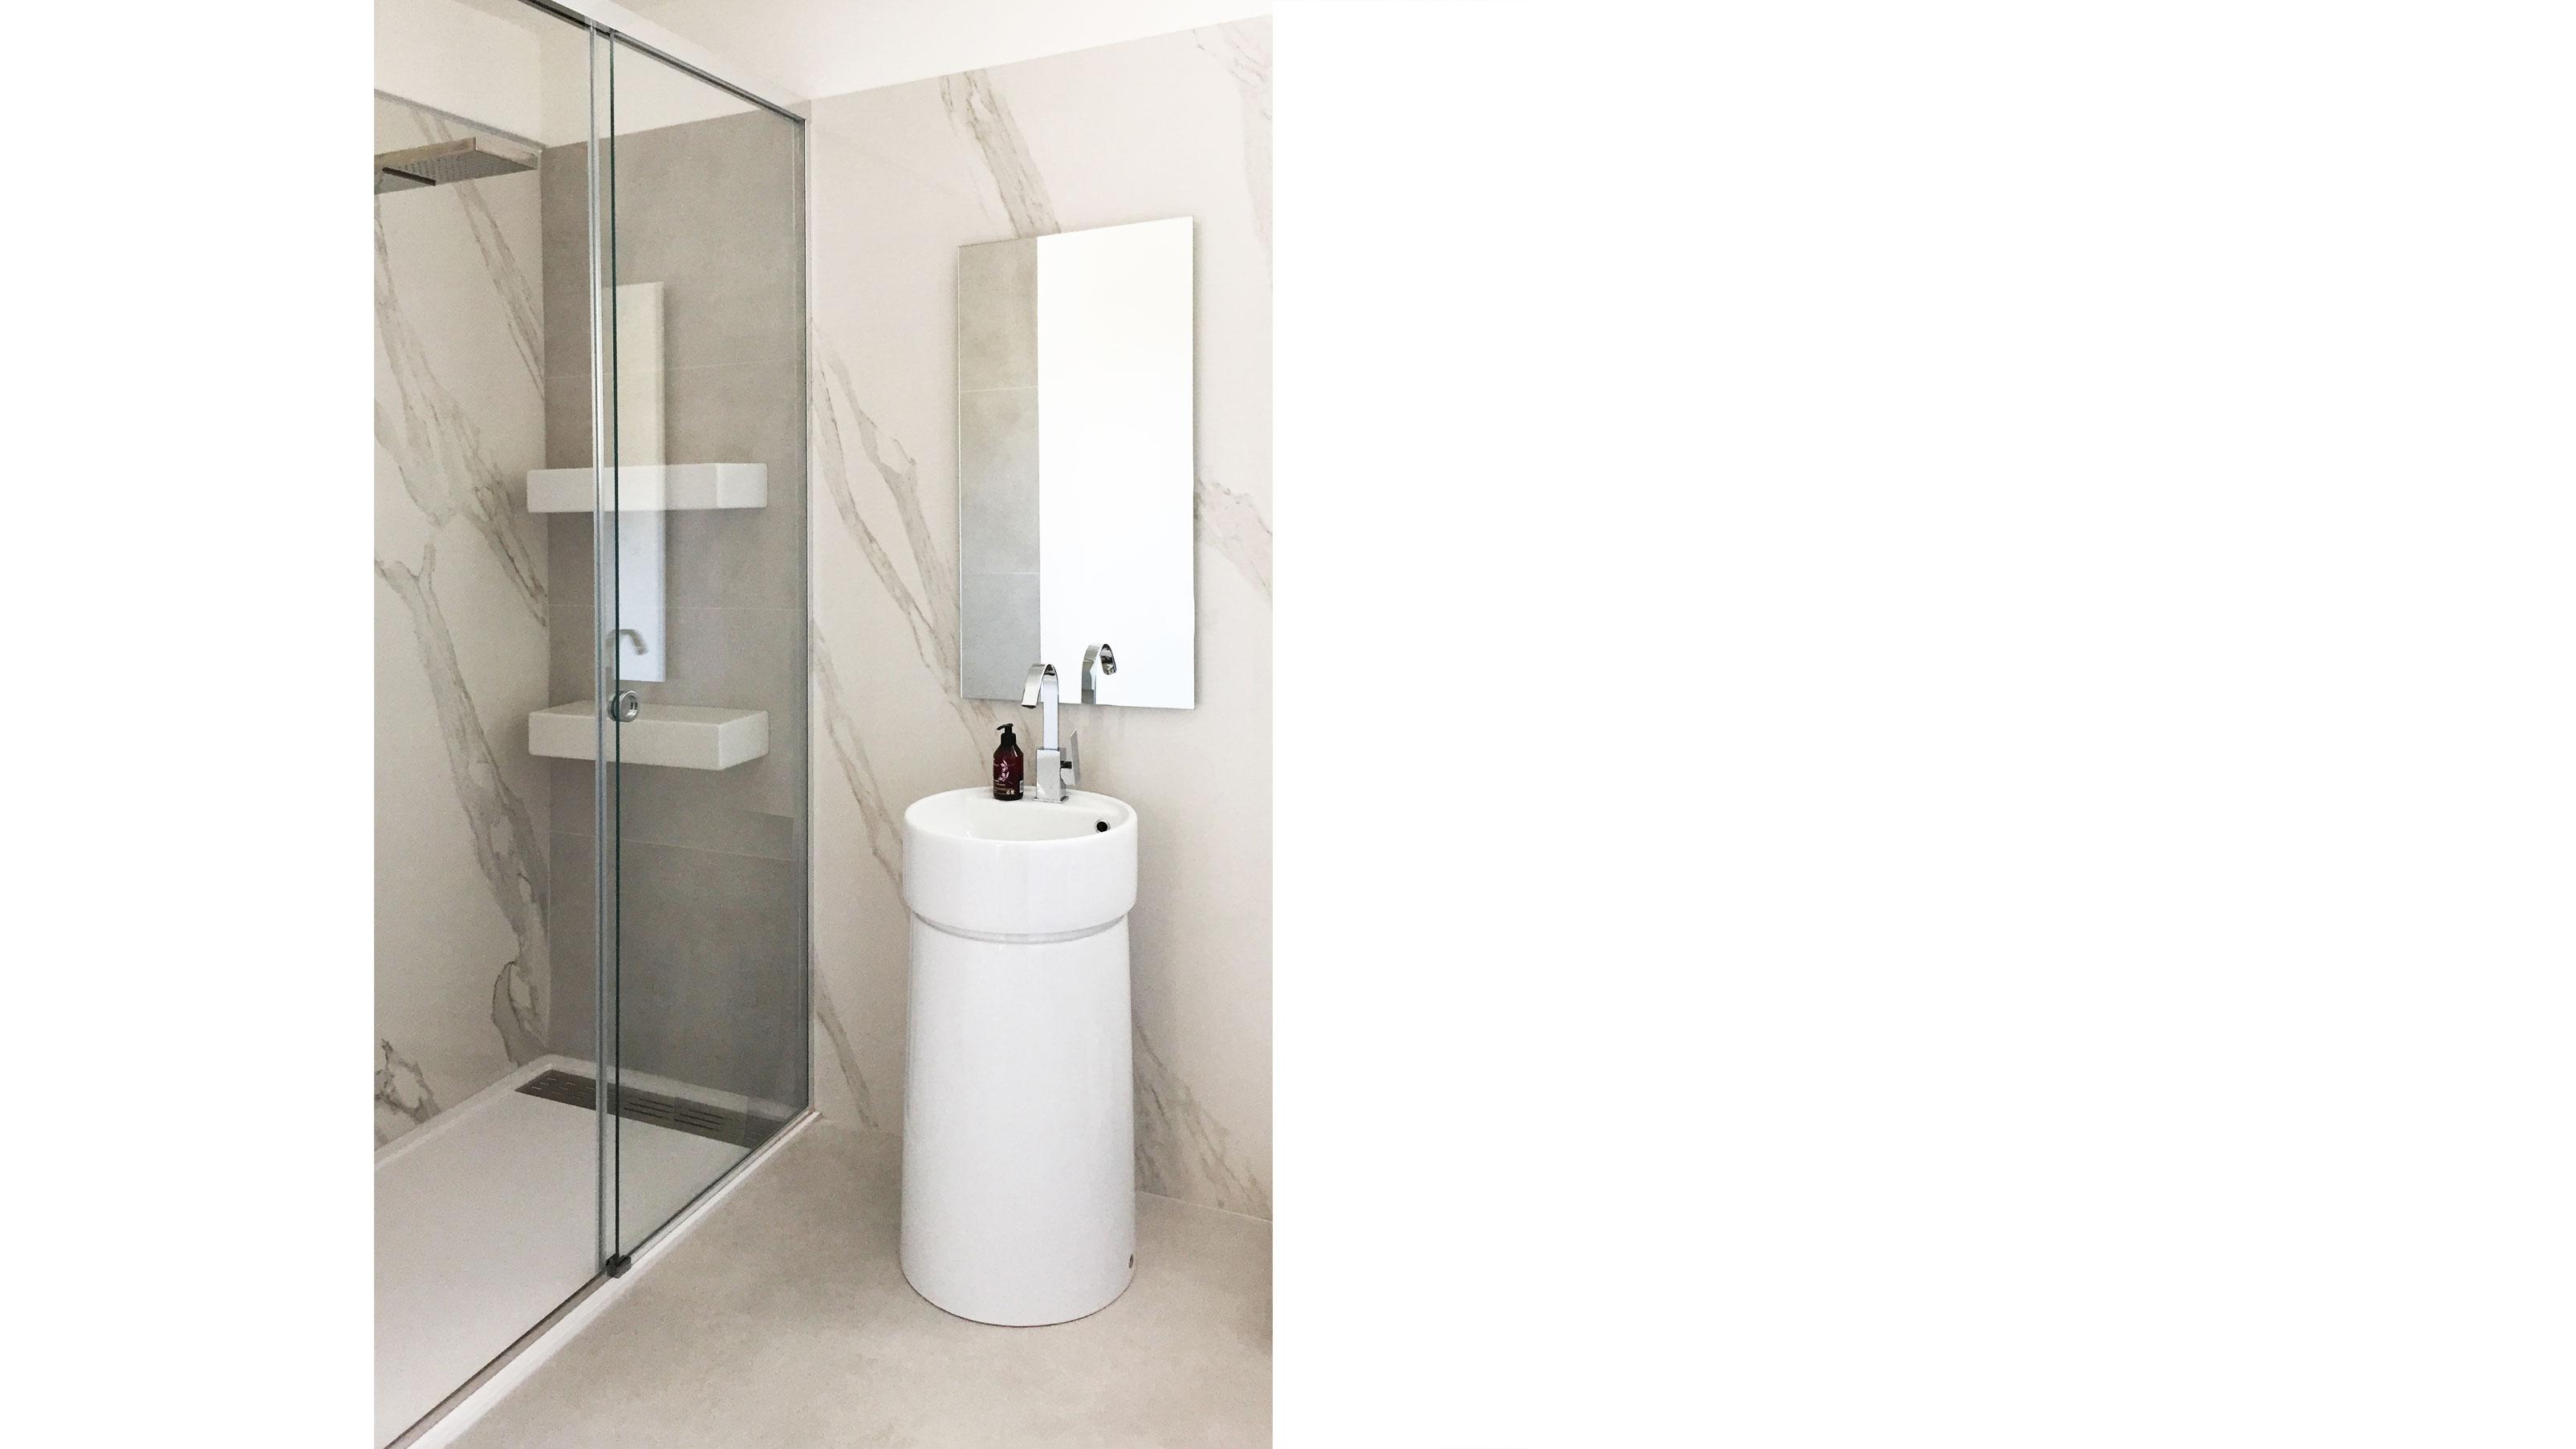 bagno-interni-interior-arredamento